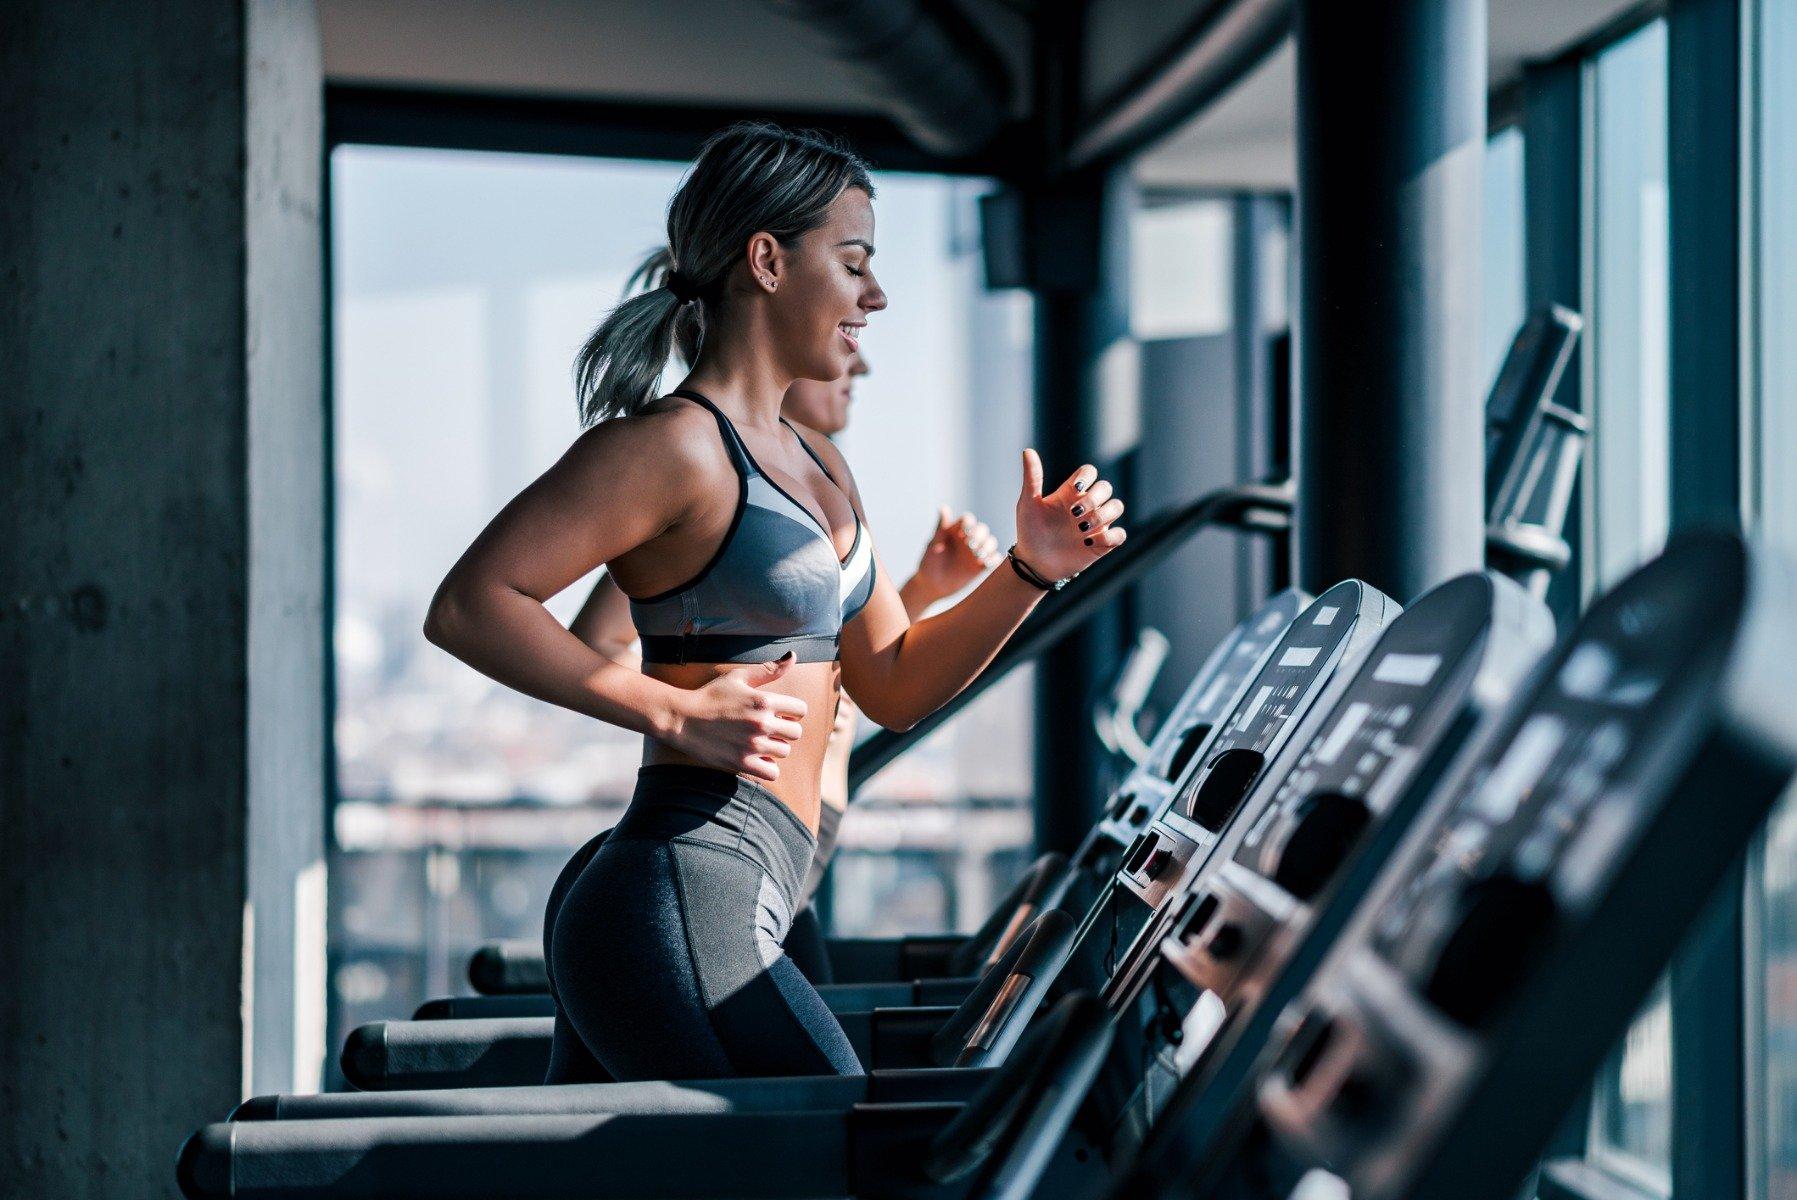 hogyan lehet csökkenteni az ízületi fájdalmat az artritiszben vásároljon ozokeritet ízületi kezeléshez